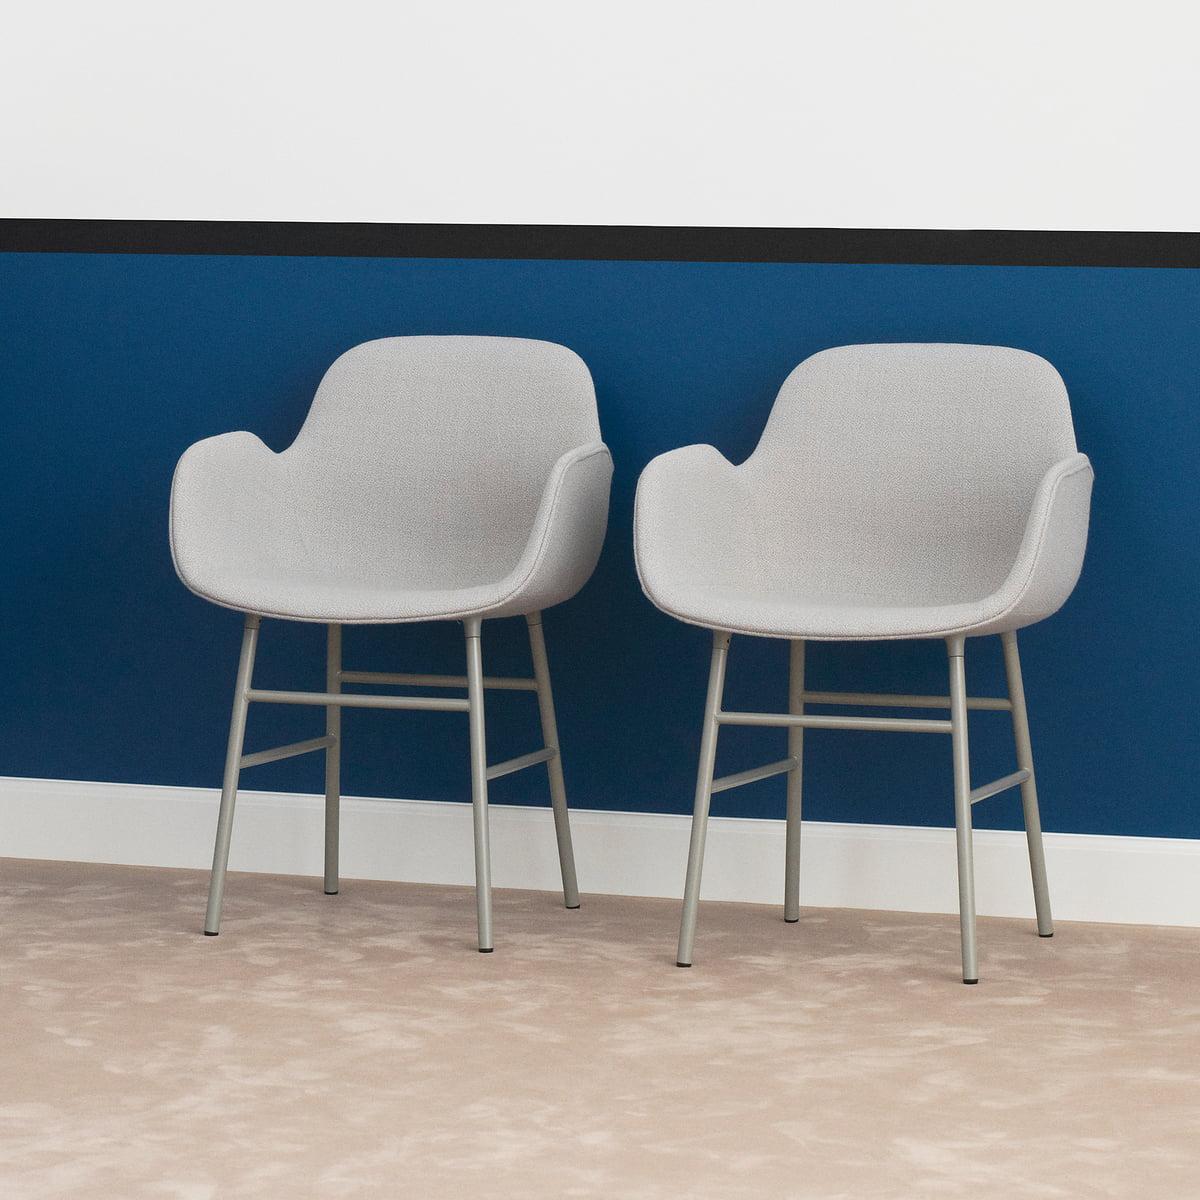 Geräumig Schalenstuhl Gepolstert Dekoration Von Form Armchair Steel Legs (gepolstert) Von Normann